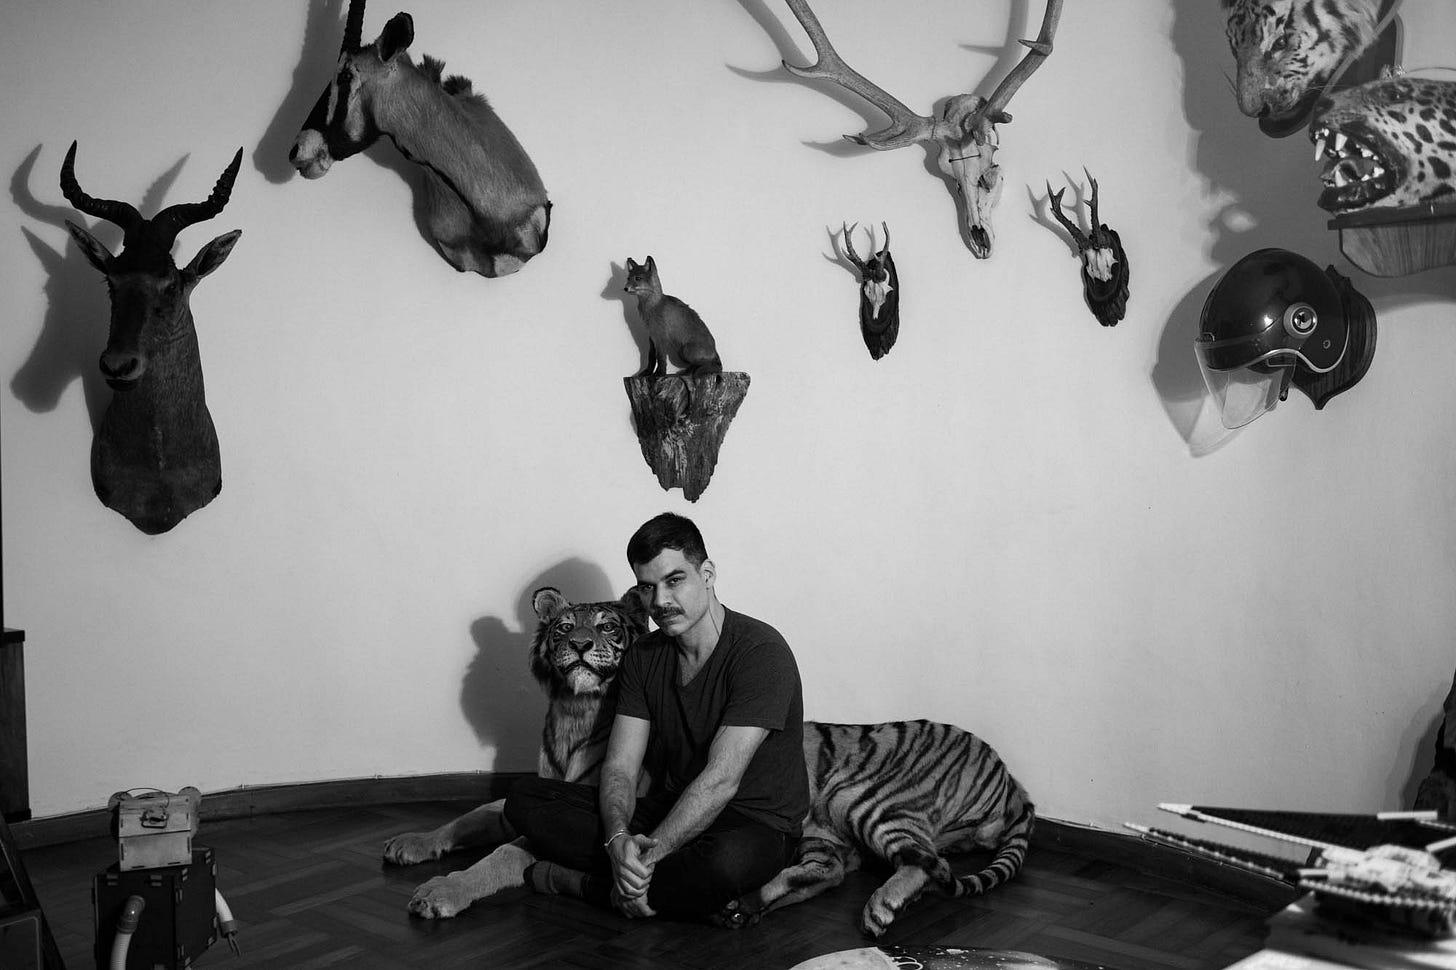 iamgem em preto e branco mostra homem sentado numa sala cercado de animais espalhados como uma onça e uma raposa, ele vesta ecalça e camiseta preta e olha diretamente para a câmera.